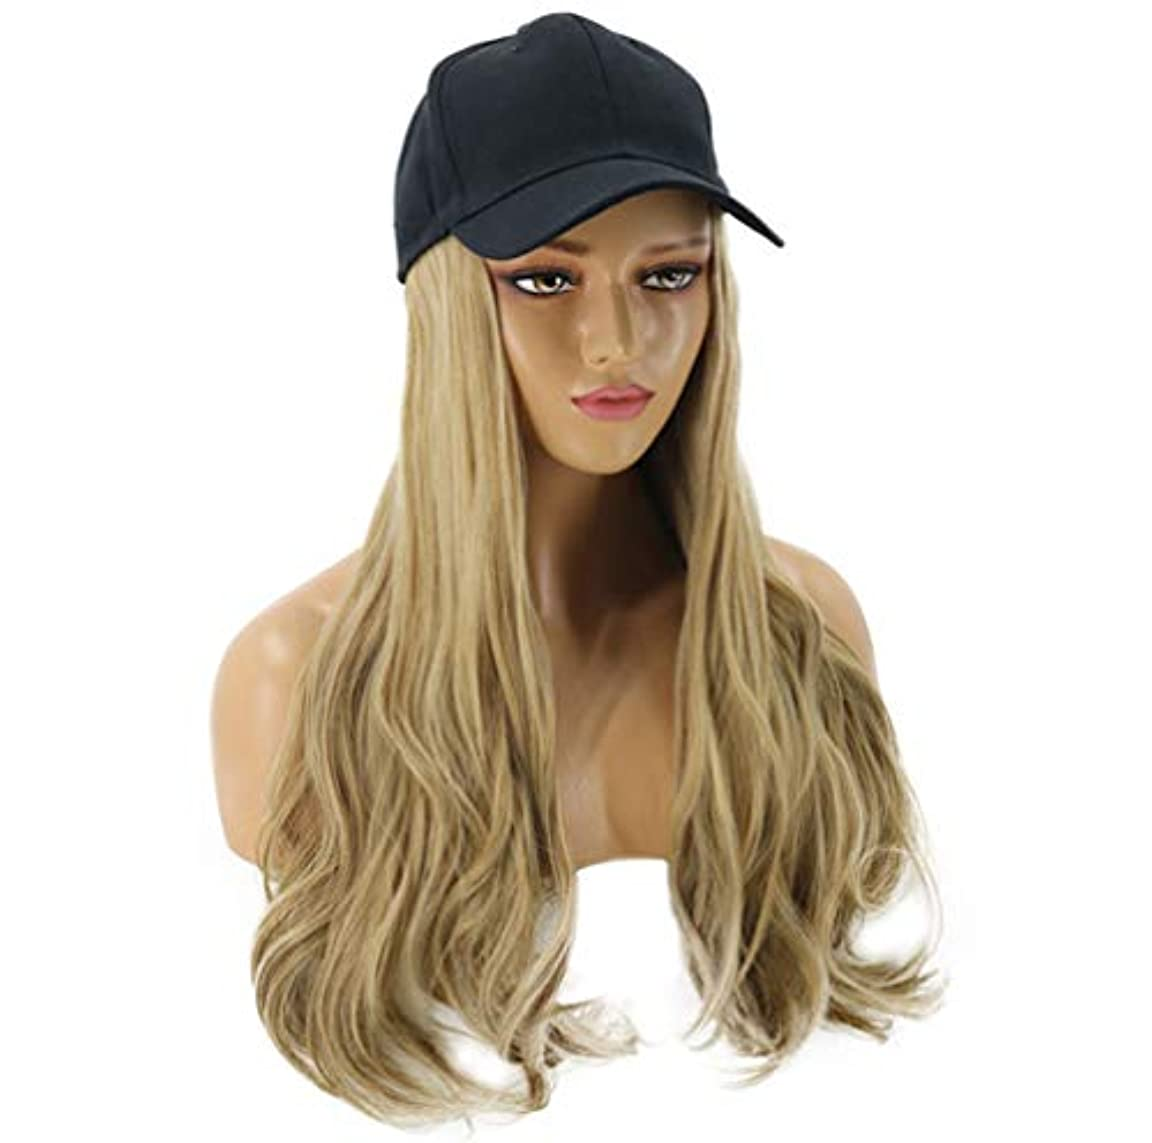 エンターテインメント変化する放射する野球帽の の女性の長い波状の毛延長野球帽が付いている総合的なヘアピースすべての綿は黒い帽子を作りました